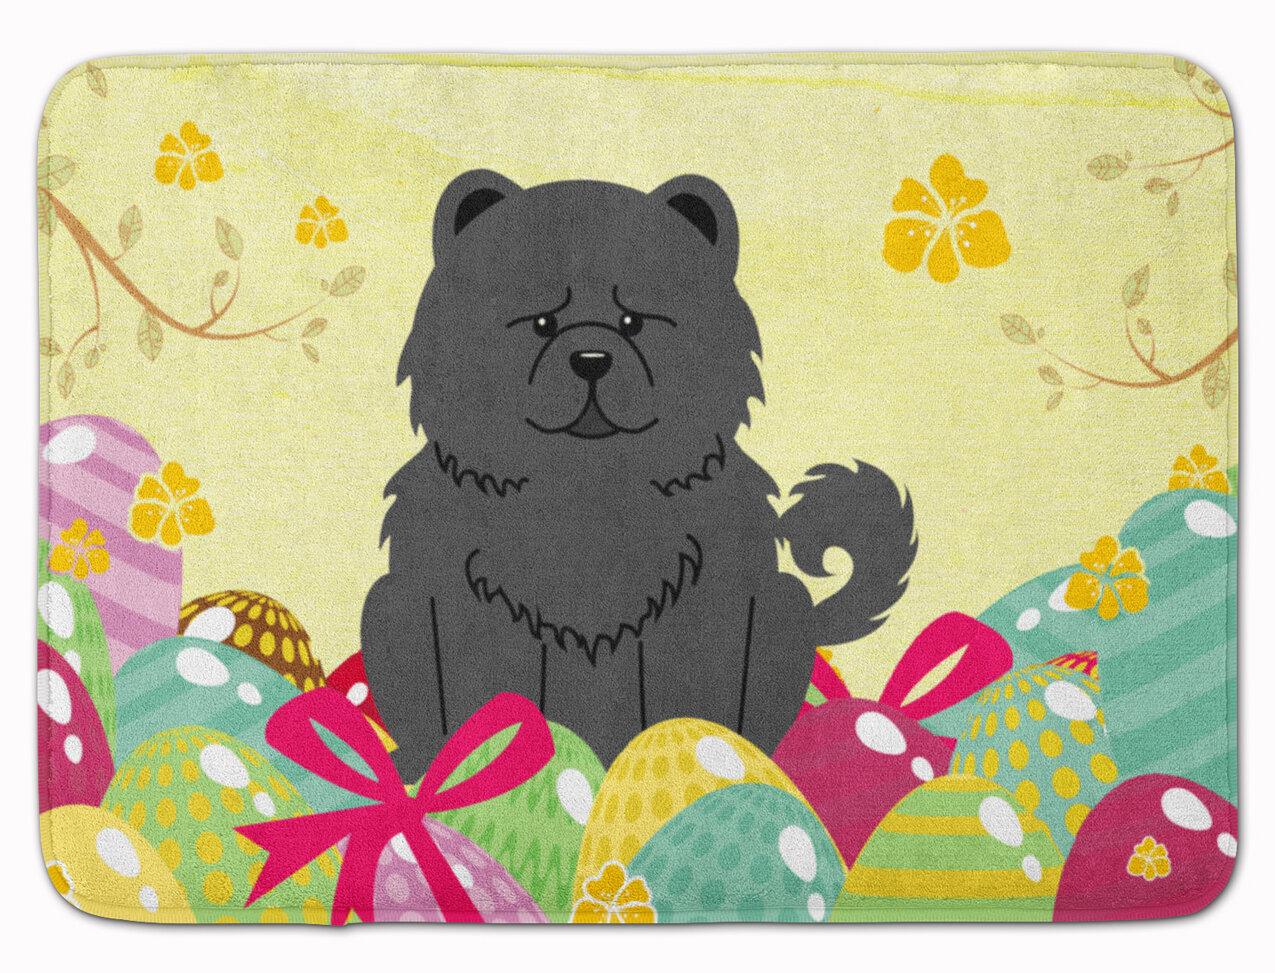 The Holiday Aisle Easter Eggs Chow Chow Rectangle Microfiber Non Slip Bath Rug Wayfair